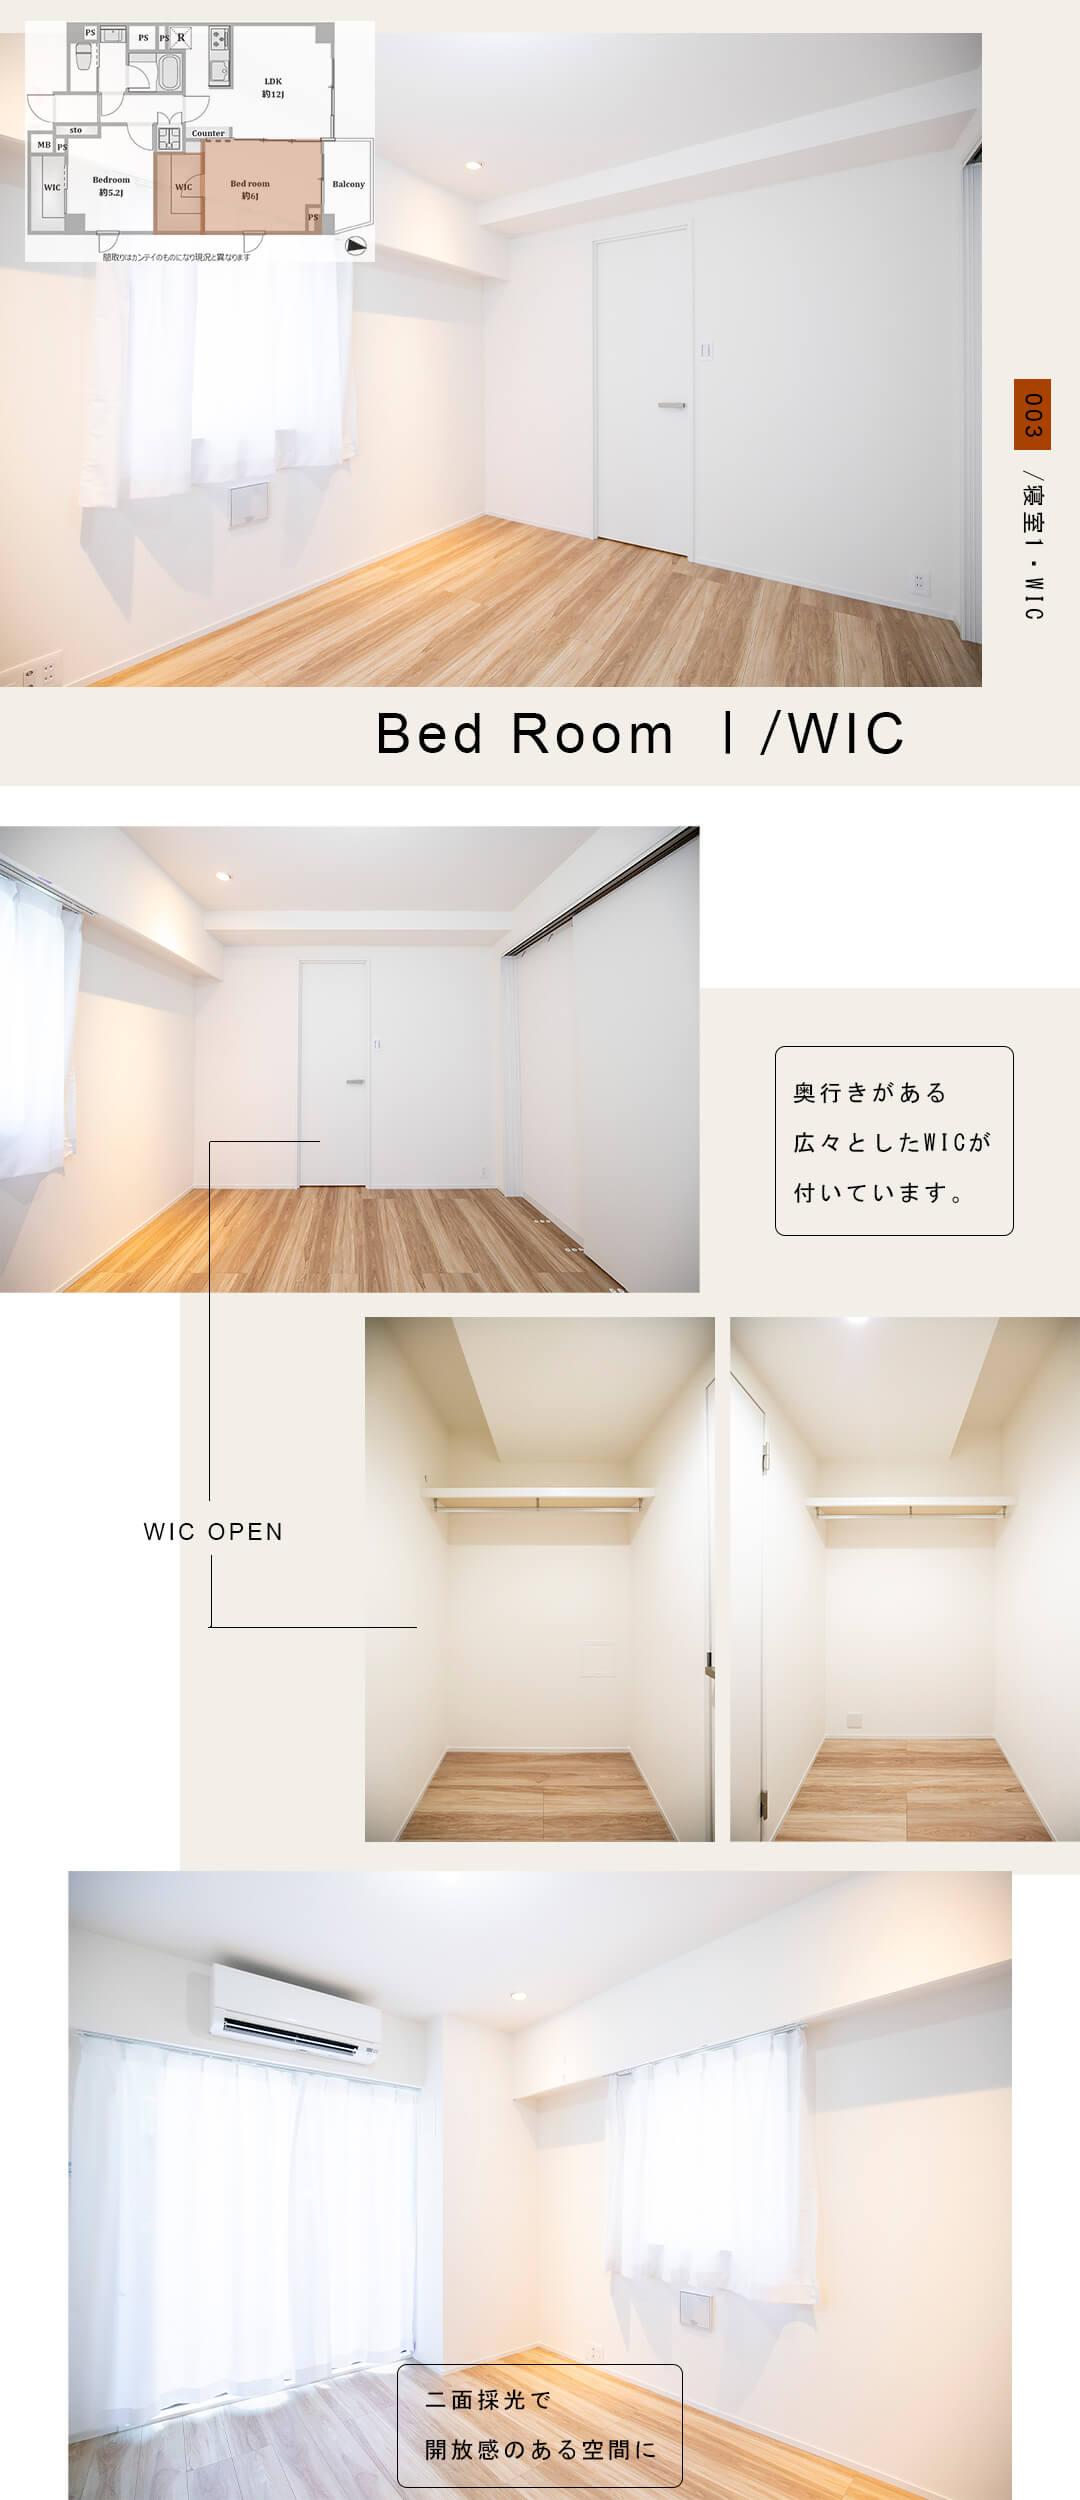 003寝室1,Bed Room Ⅰ,WIC